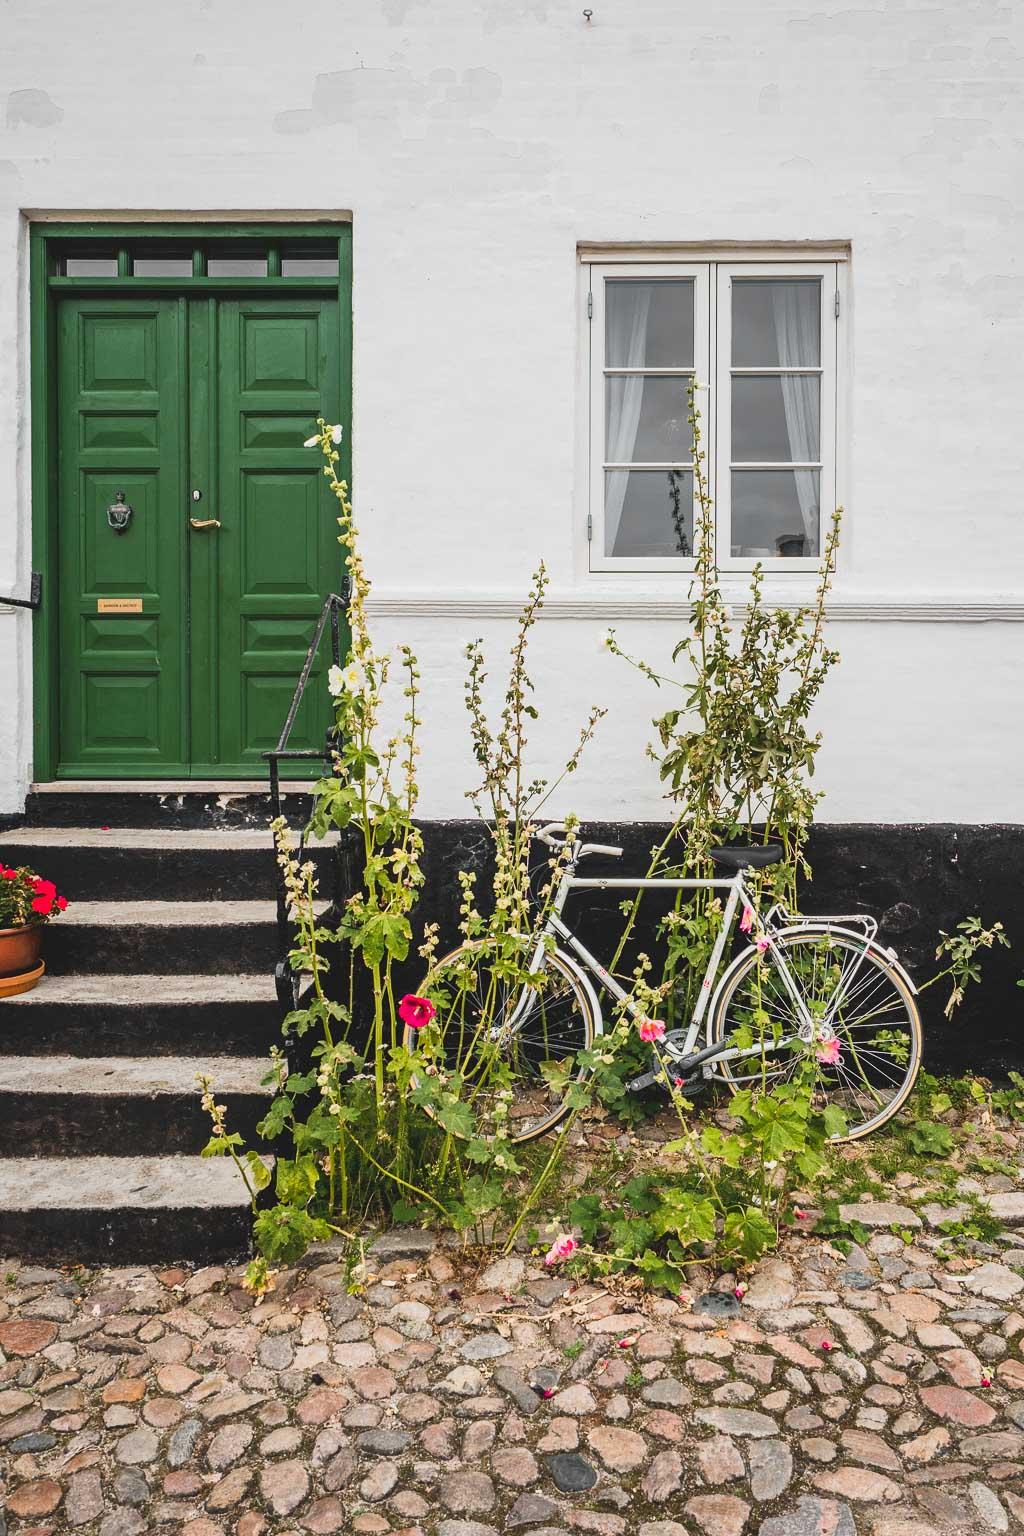 Ebeltoft Altstadt Urlaub in Djursland: Ausflugsziele und Sehenswürdigkeiten rund um Ebeltoft Dänemark